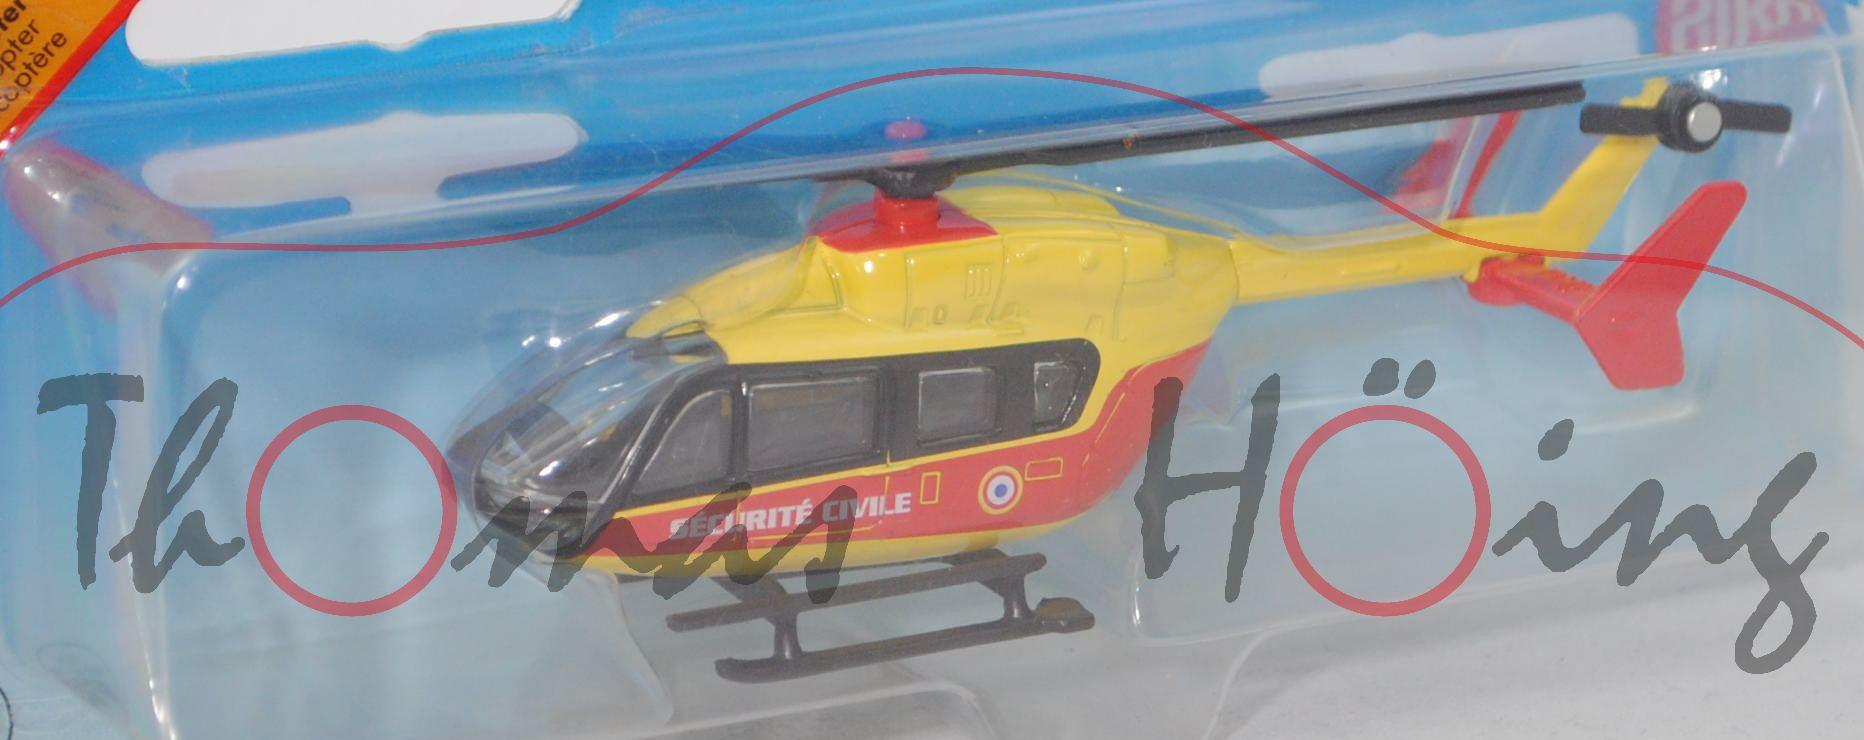 Siku Super 1//87 1647 helicóptero-nuevo embalaje original